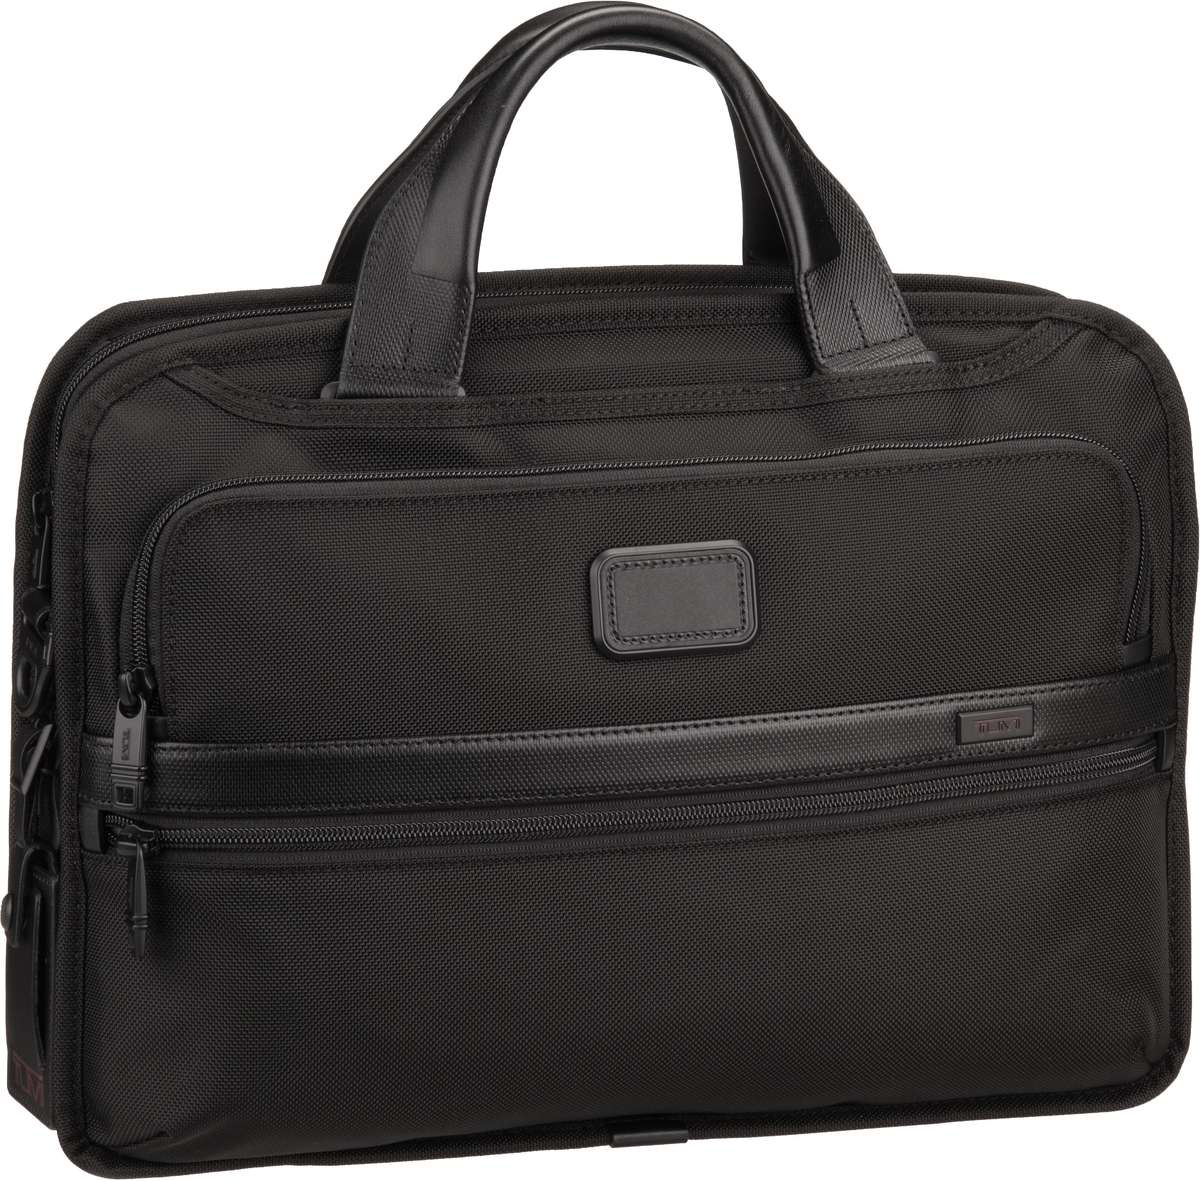 Businesstaschen für Frauen - Tumi Aktentasche TUMI Alpha 103562 Aktentasche Black  - Onlineshop Taschenkaufhaus